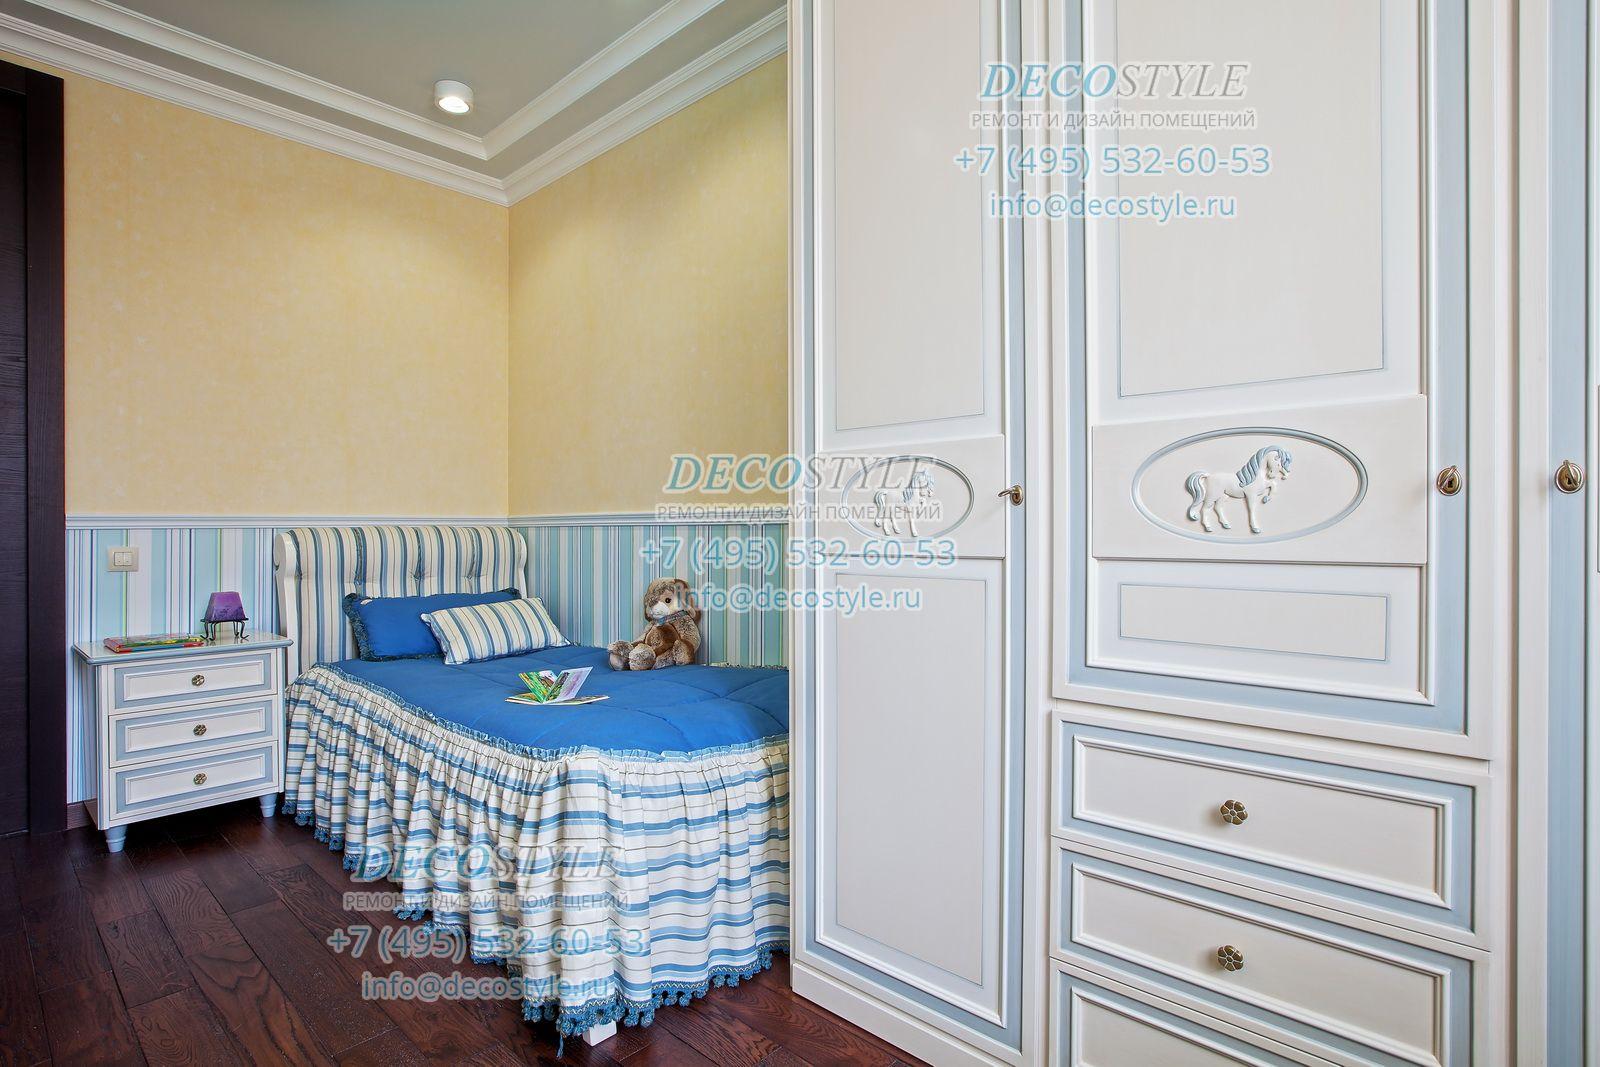 Ремонт квартир под ключ в Московской области